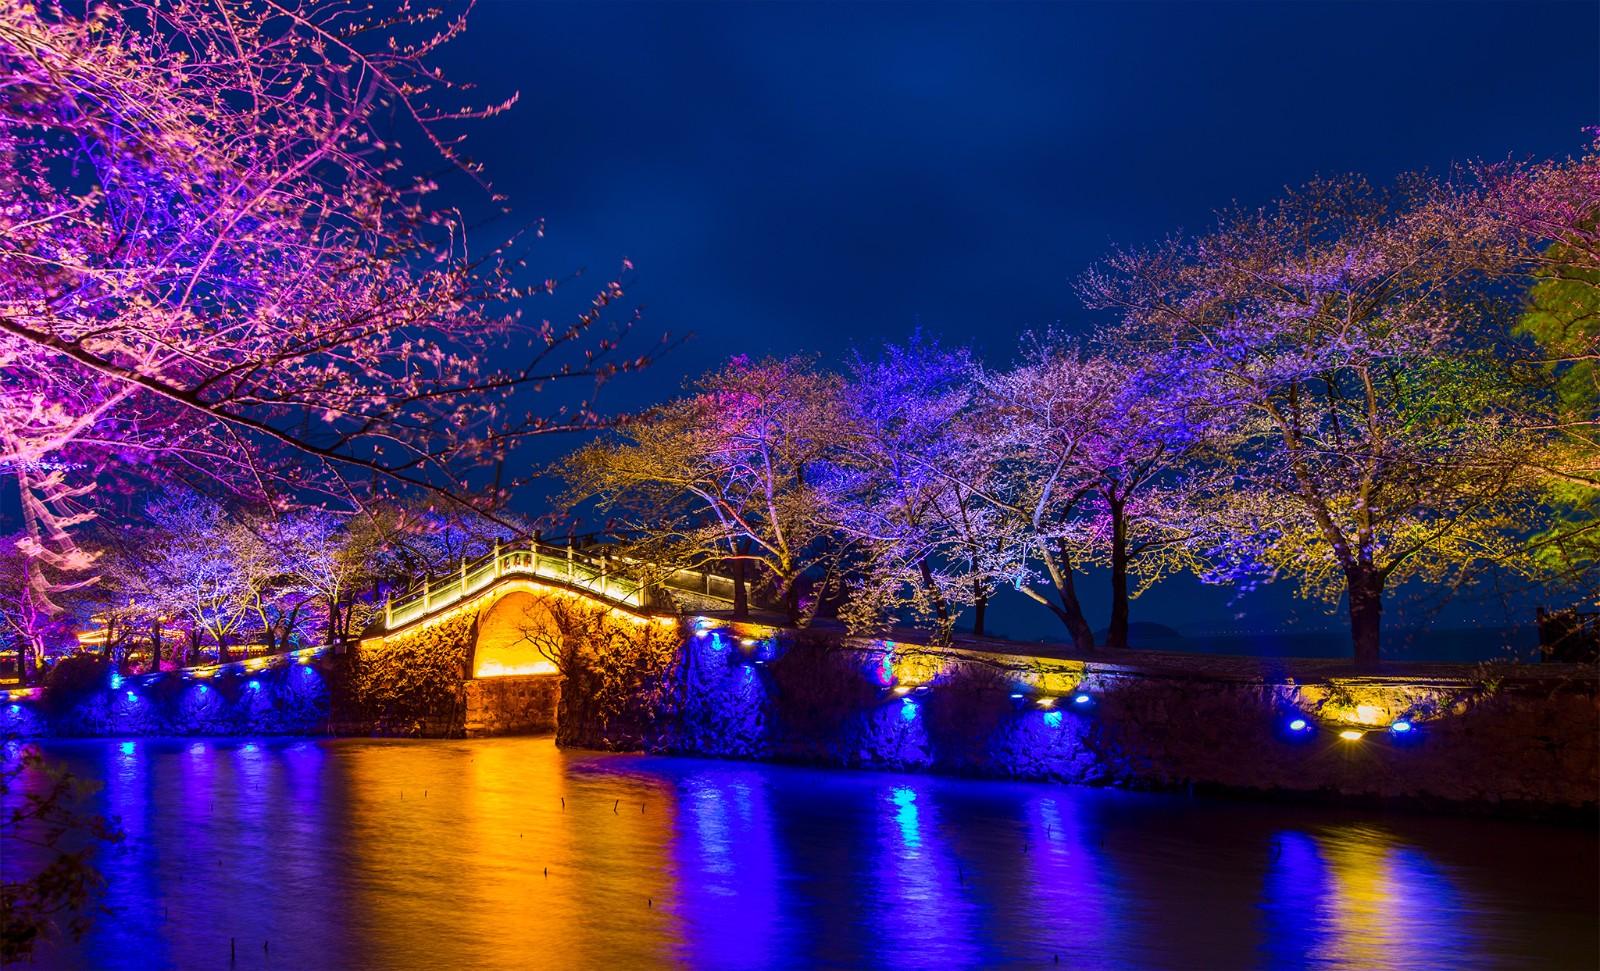 無錫太湖黿頭渚夜賞櫻花,昨晚開始試燈